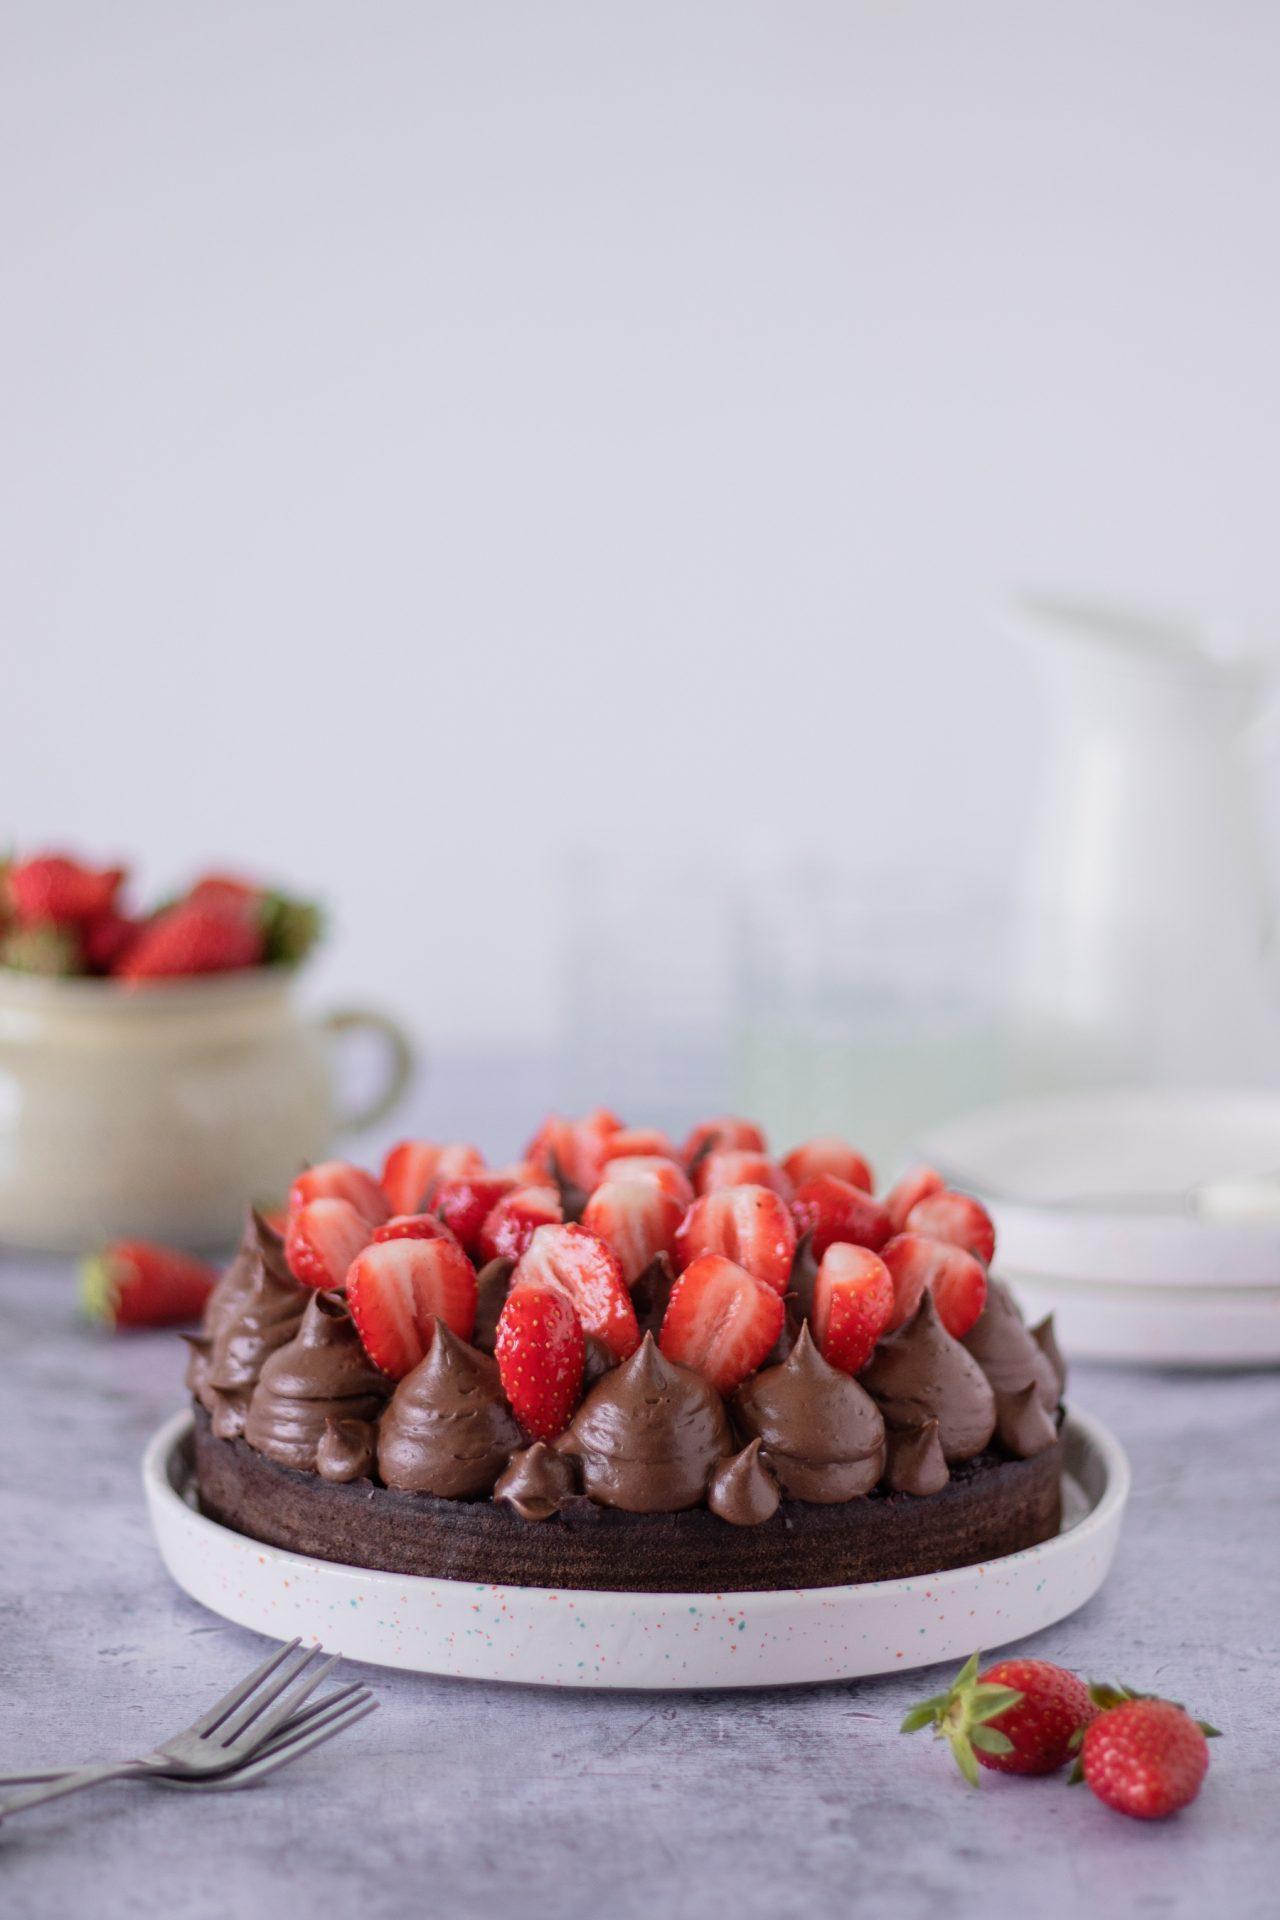 Čokoladna torta s jagodama